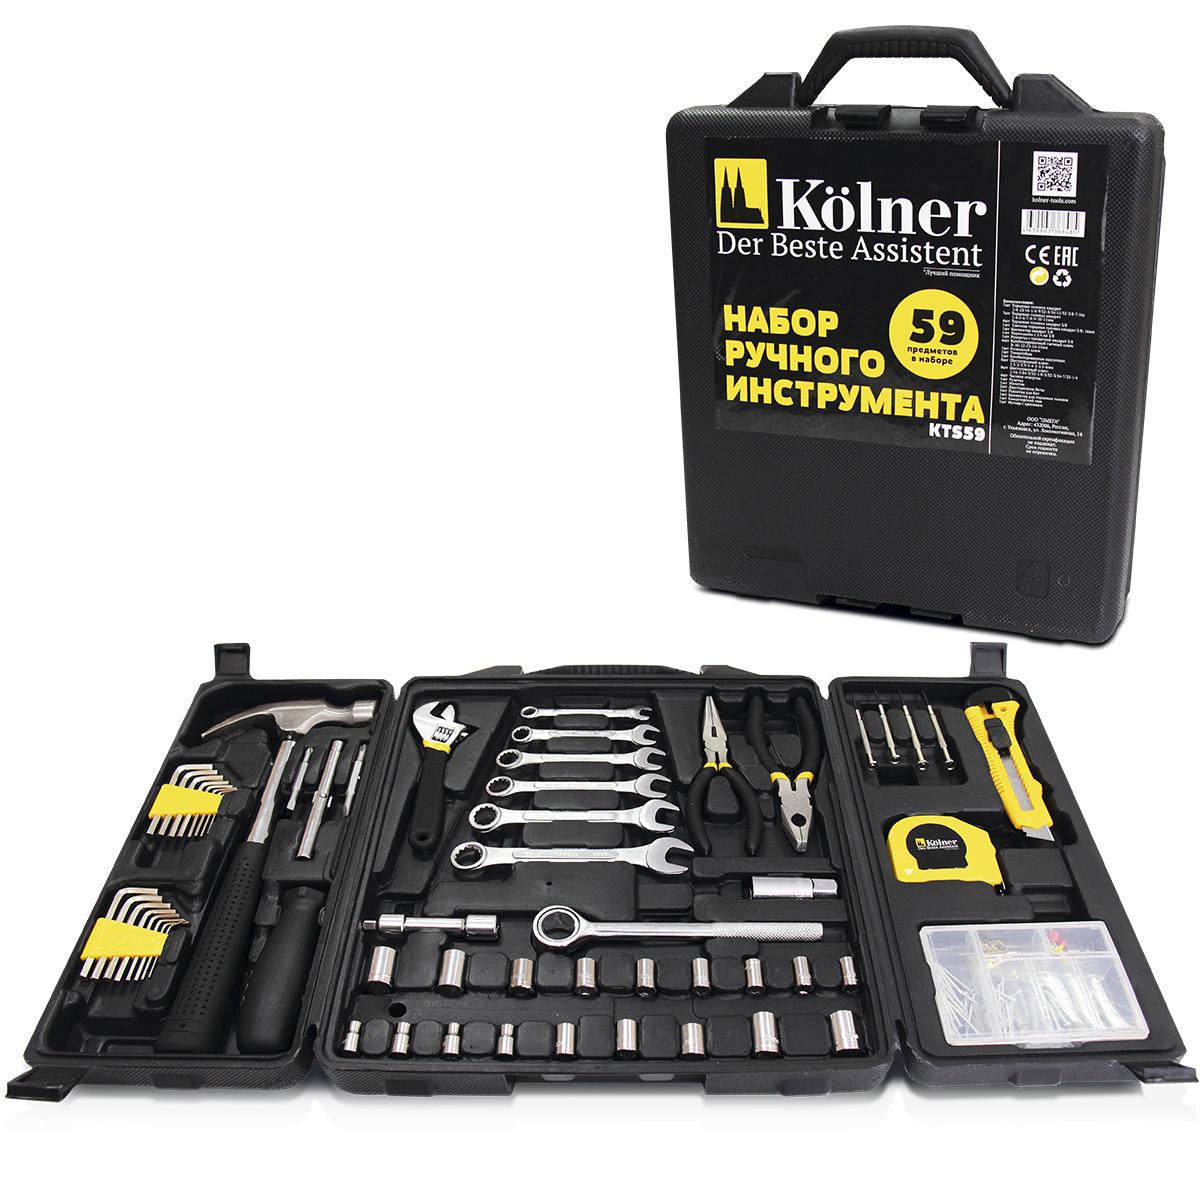 Набор ручного инструмента Kolner KTS 59 в пластиковом кейсе 59 предметовкн59ктсНабор содержит все необходимые инструменты для выполнения любых слесарных работ. Широкий выбор инструментов предоставляет возможность использовать их для разнообразных работ. Инструменты изготовлены из высококачественной хромованадиевой стали и закалены, благодаря чему имеют большой срок эксплуатации. Рукоятки инструментов обеспечивают комфорт во время работы, не утомляют и не натирают руку. Универсальный набор инструментов поставляется в кейсе, который удобно взять с собой или хранить в кладовке. КОМПЛЕКТАЦИЯ: 4 шт. - Шестигранный ключ:3-4-5-6 мм. 1 шт. - Изолента 11 шт. - Бита 6 шт. - Комбинированный гаечный ключ: 8-10-11-12-13-15 мм. 1 шт. - Рукоятка для бит 2 шт. - Отвертка 1 шт. - Переставные клещи 8 шт. - Торцевые головки квадрат 3/8: 10-11-12-13-14-14-17-19 мм. 1 шт. - Молоток-гвоздодер 1 шт. - Рукоятка с трещеткой квадрат 3/8 1 шт. - Канцелярский нож 1 шт. - Комбинированные пассатижи 4 шт. -...